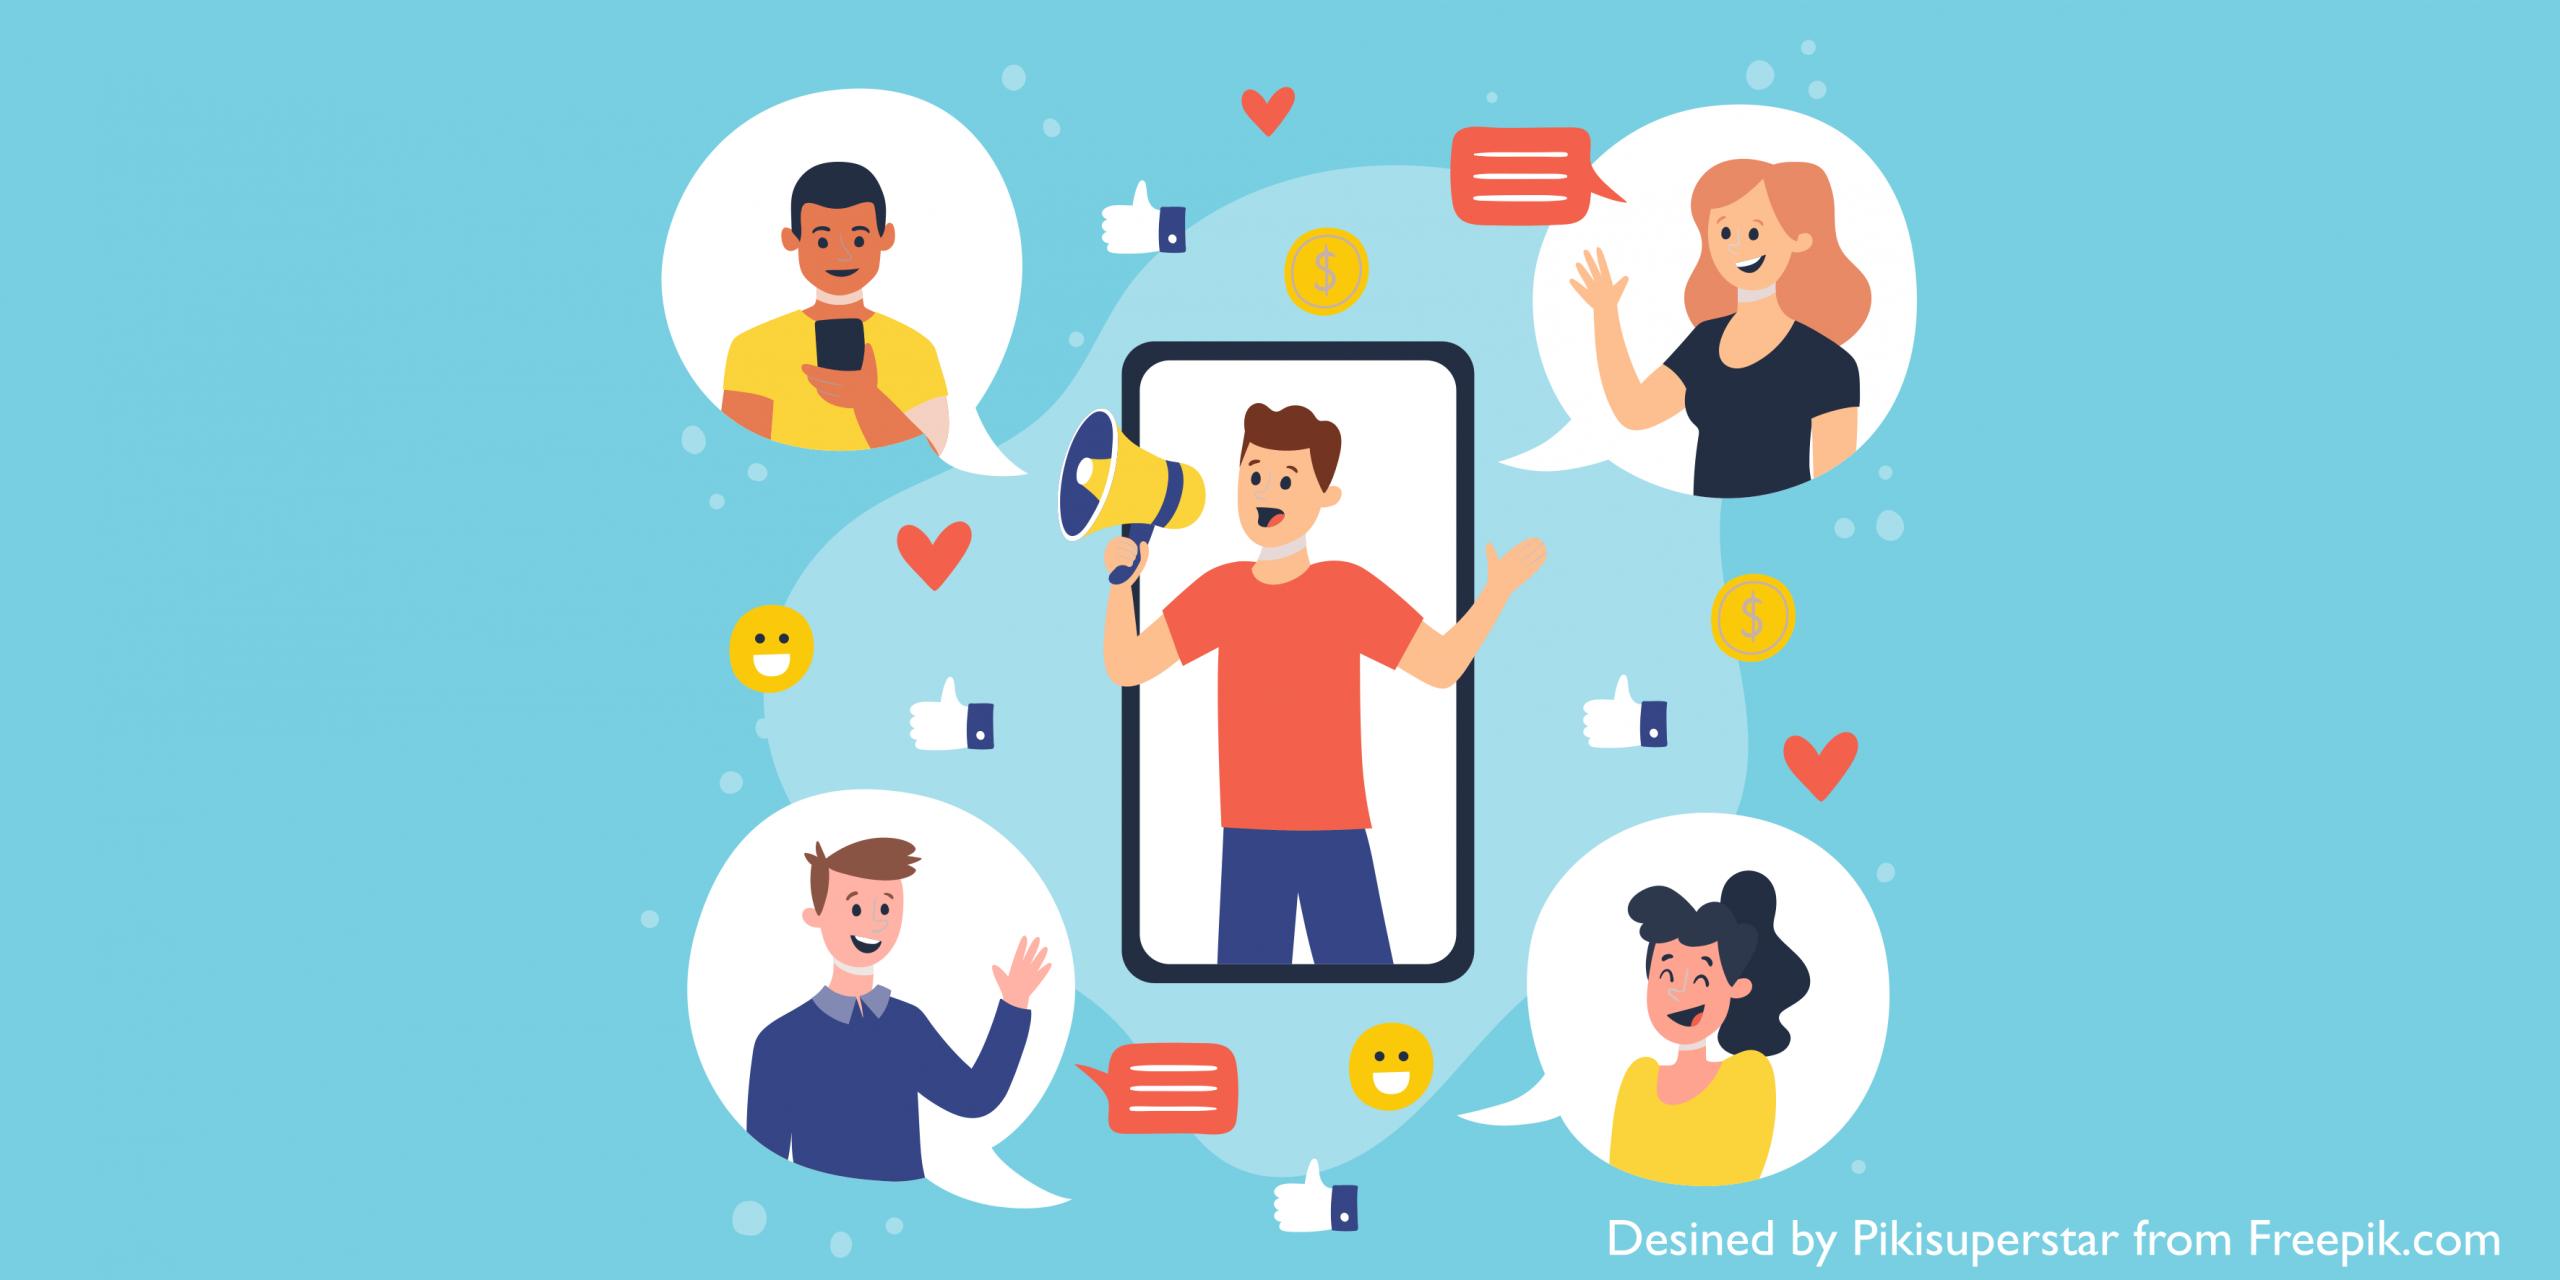 Slack; ferramanteas digitais; rede social corporativa